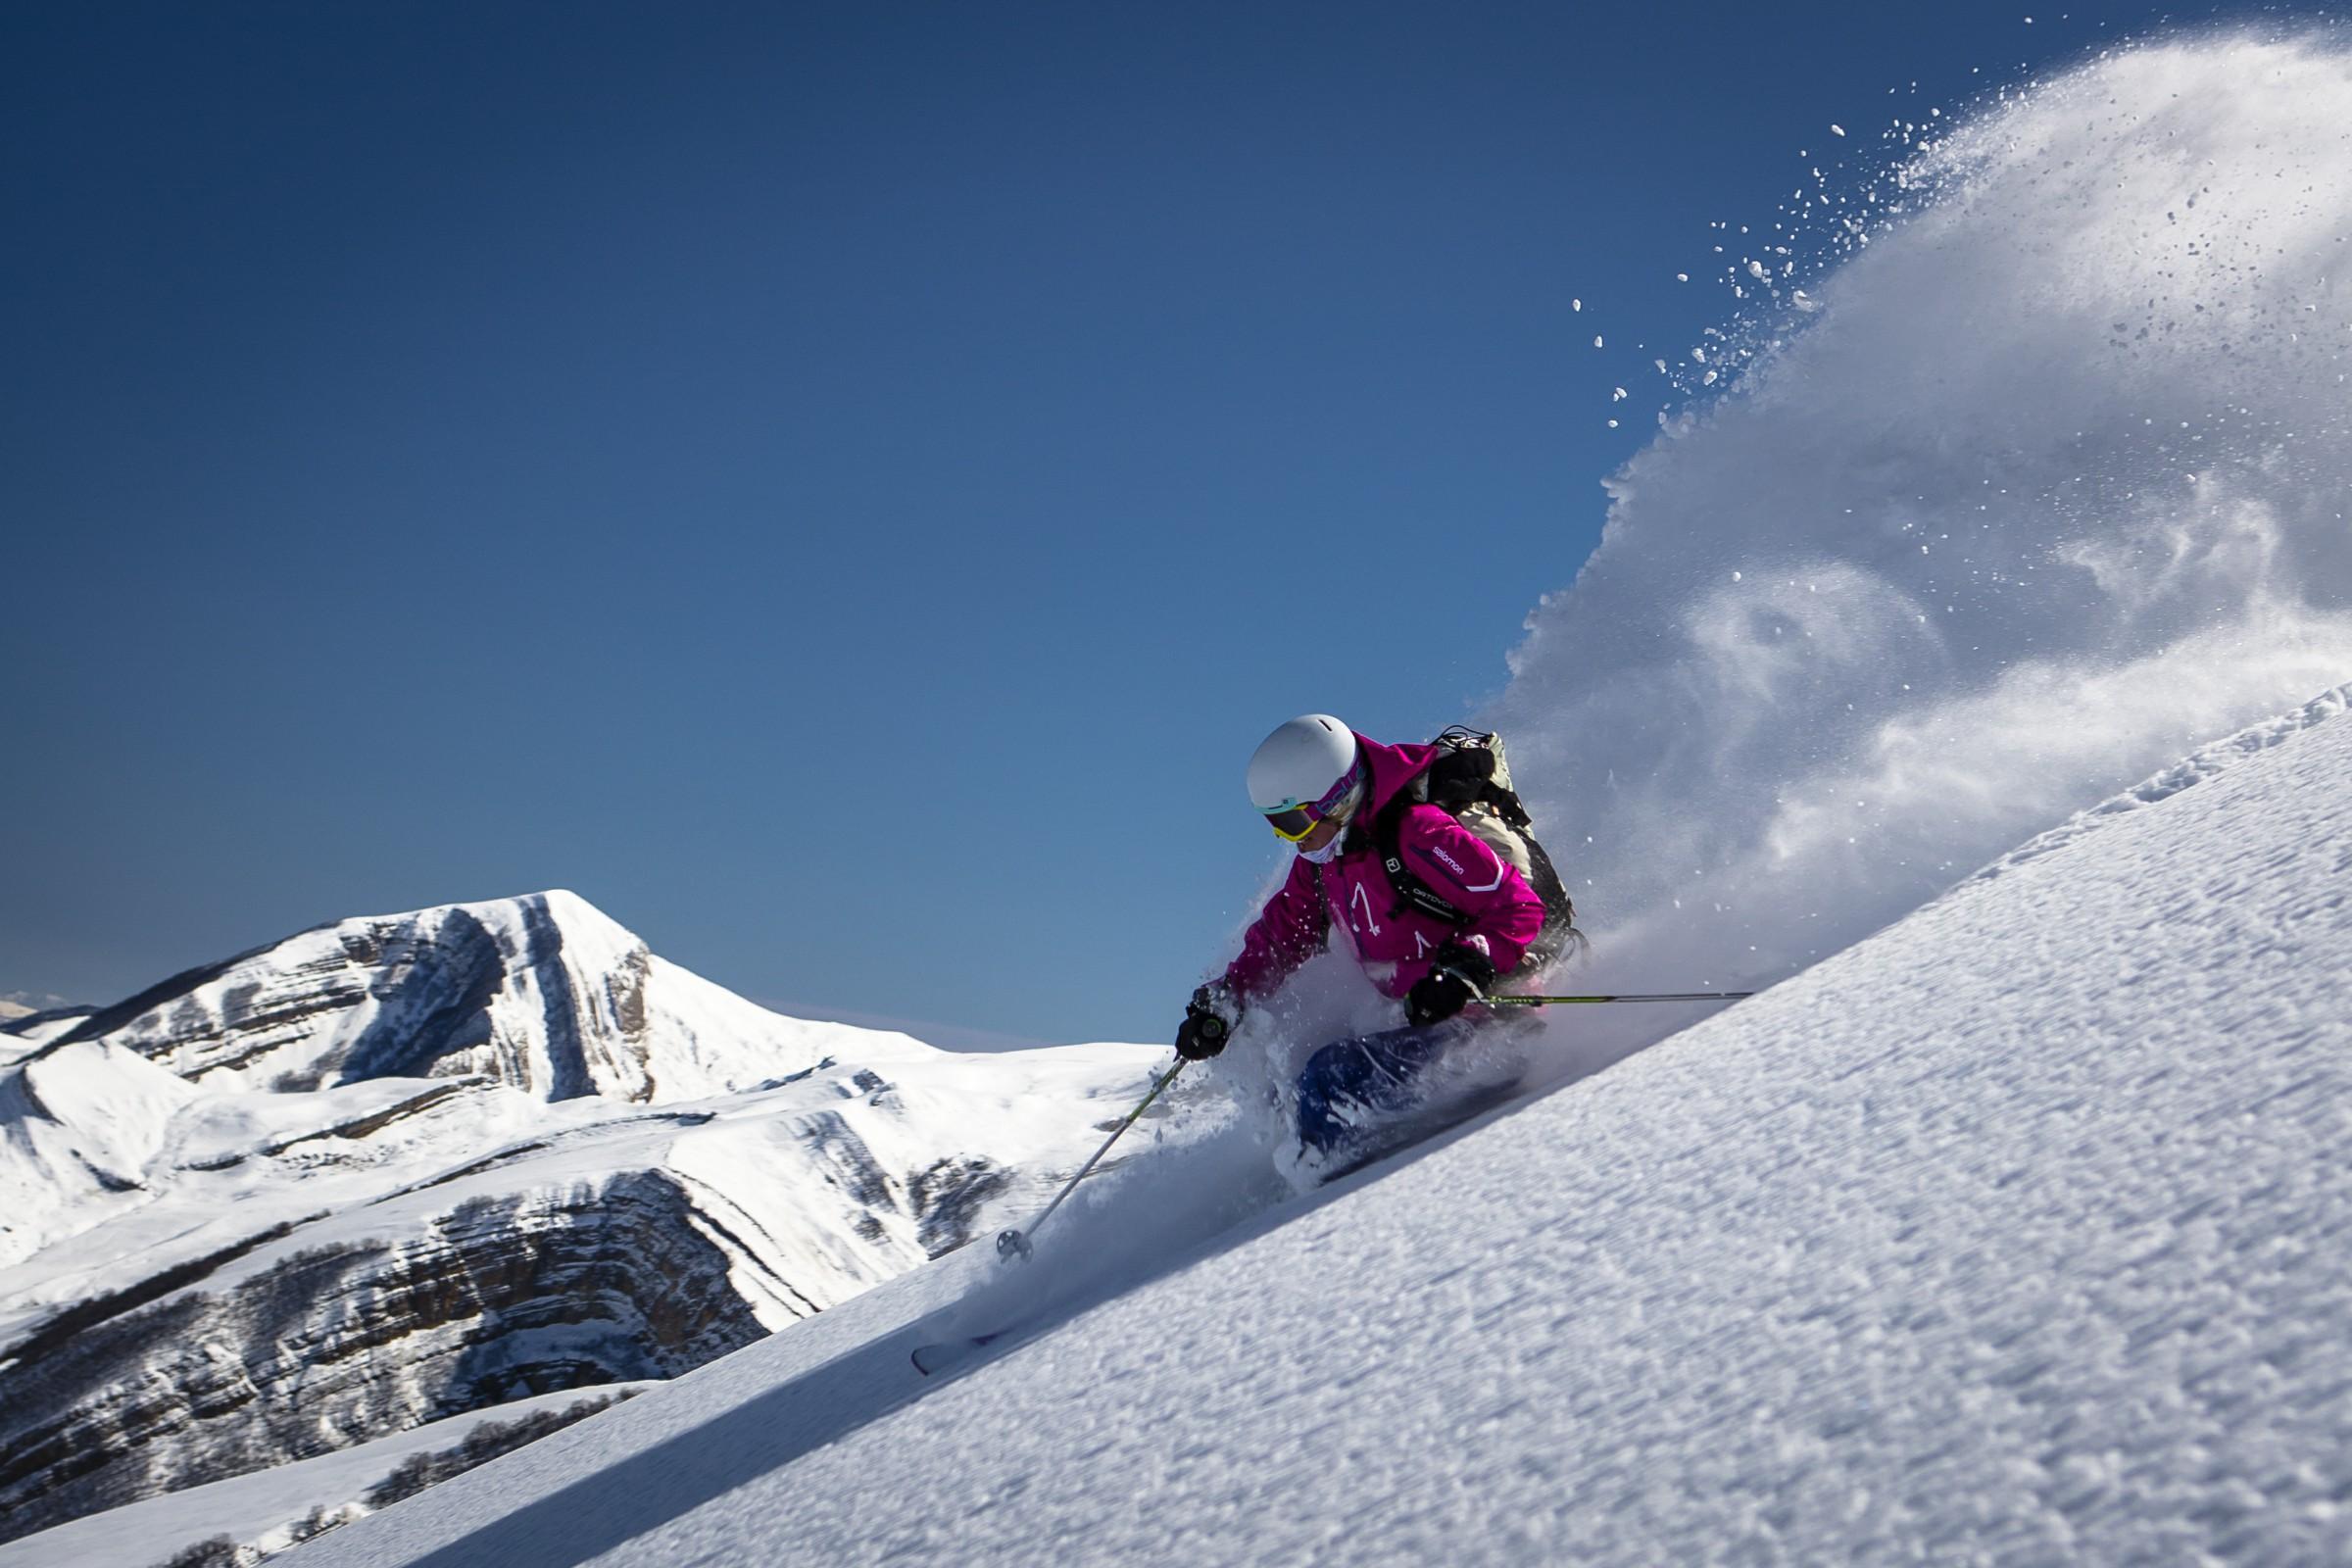 azerbaijan_tufandag_ski_resort